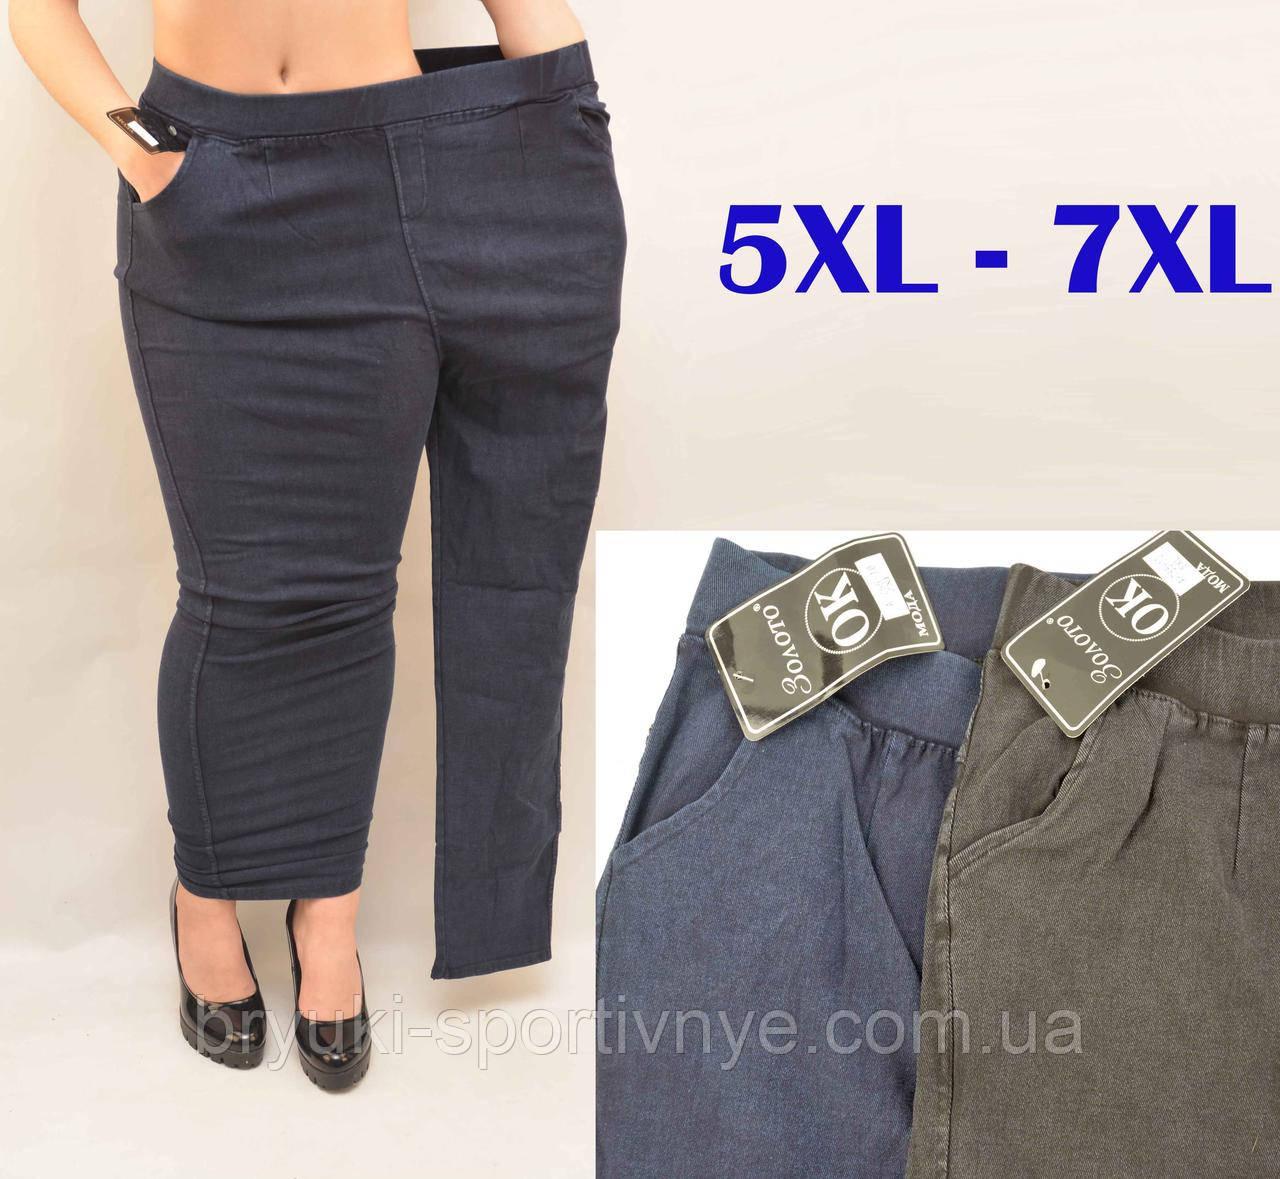 Джинси жіночі стрейч у великих розмірах 5XL - 7XL Джеггінси батал